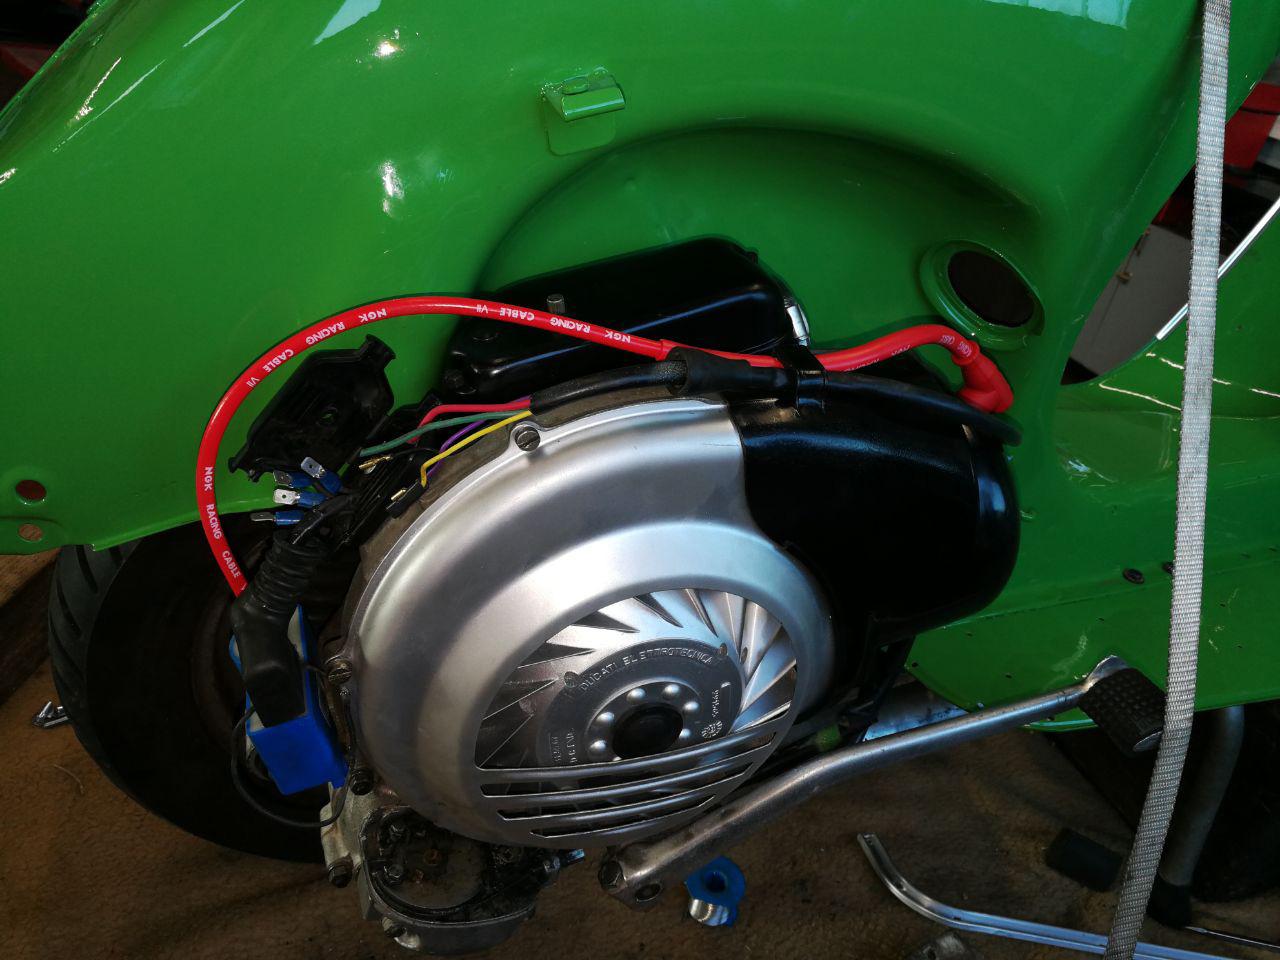 KTM Vertragshändler Motorradsport Schmitt - Restrauration Vespa PX 80